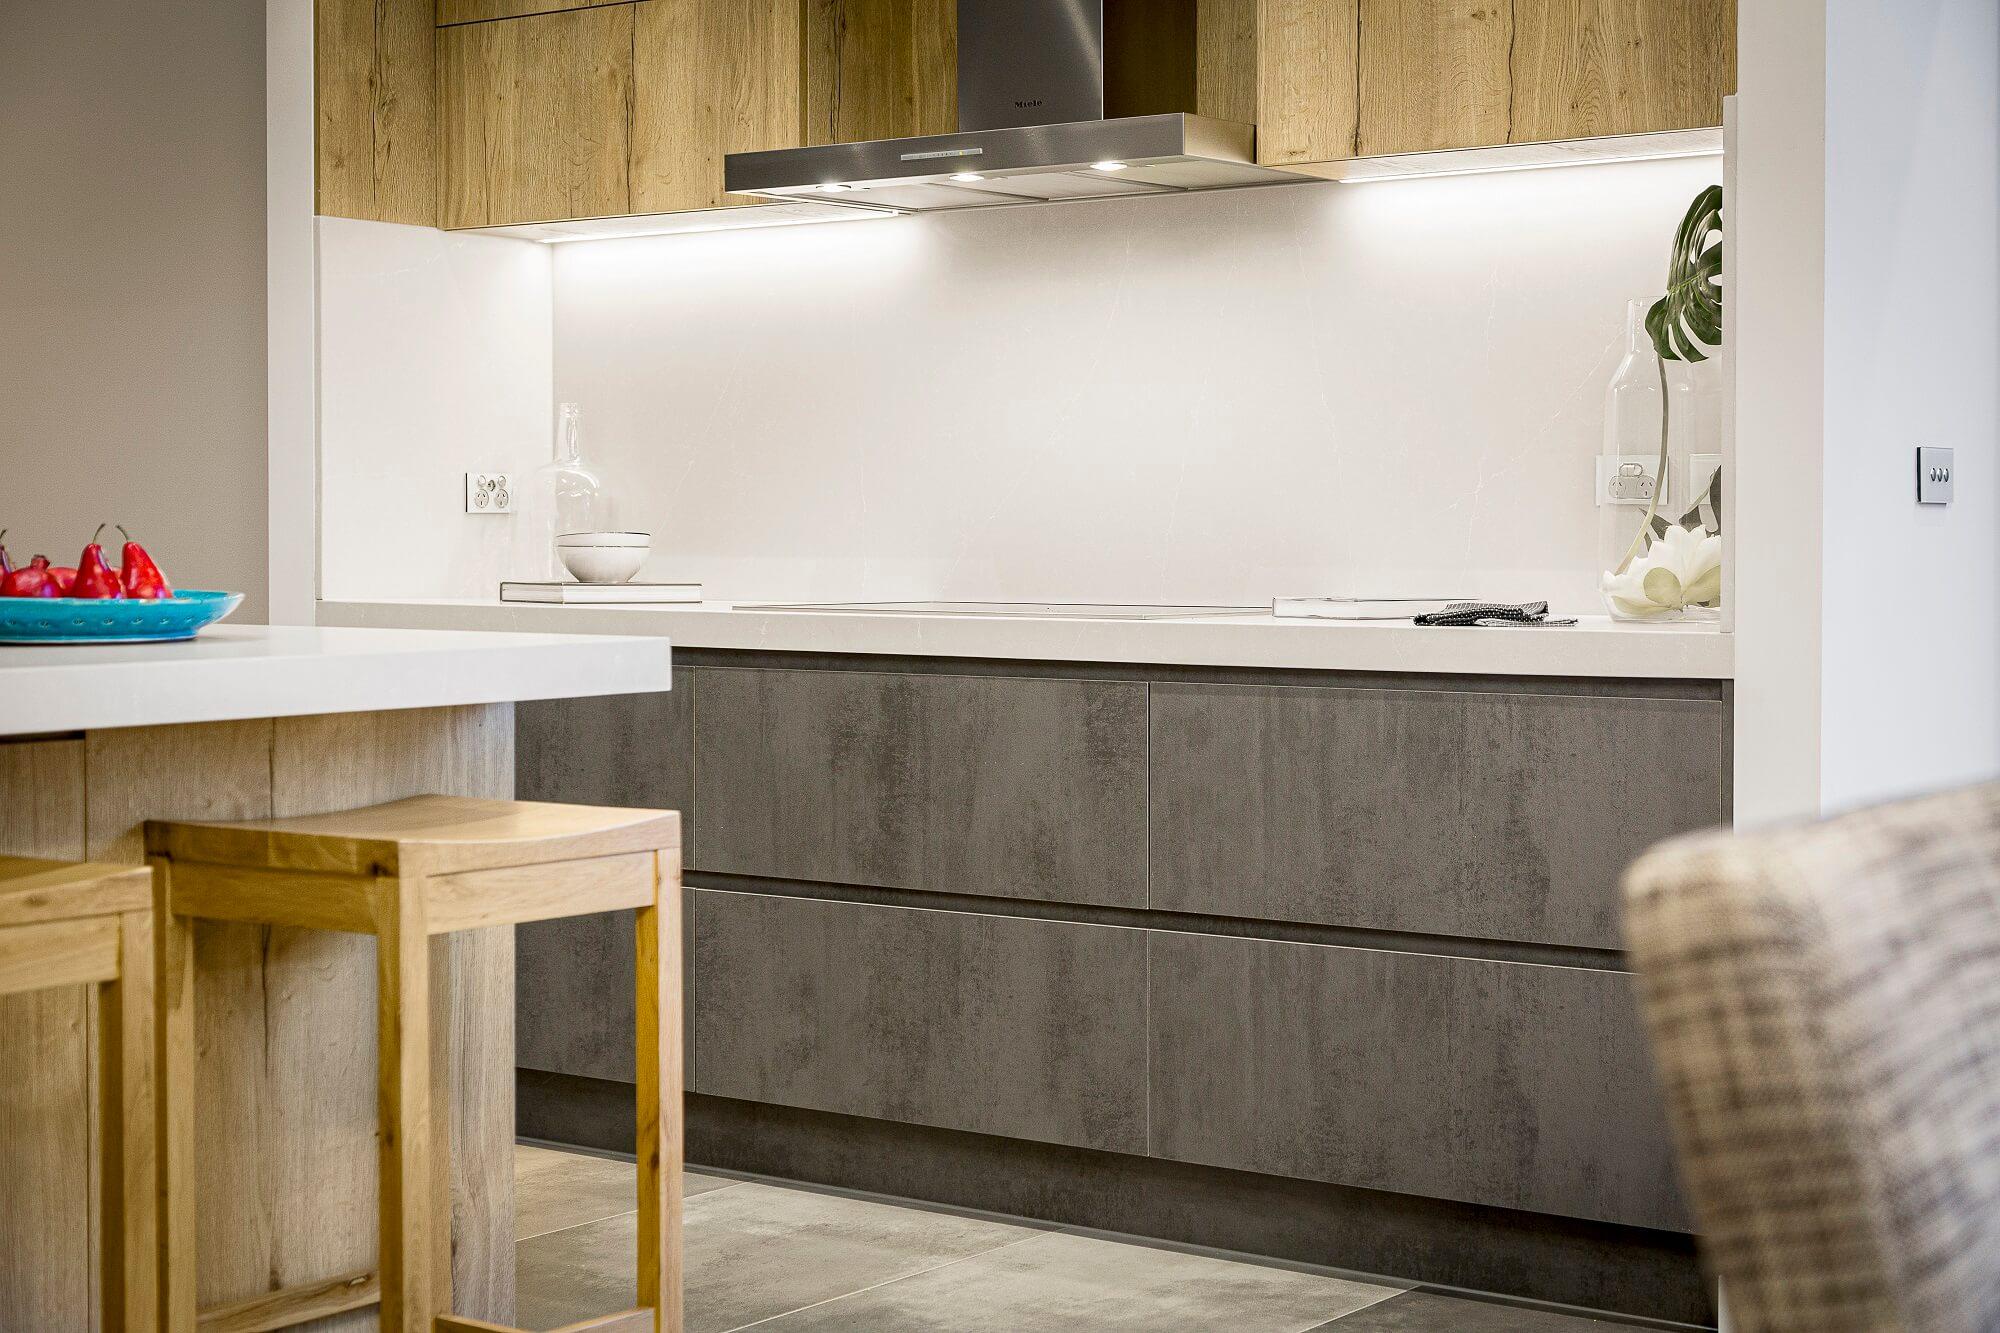 Jesteśmy firmą która zajmie się przygotowaniem dla Ciebie mebli kuchennych.